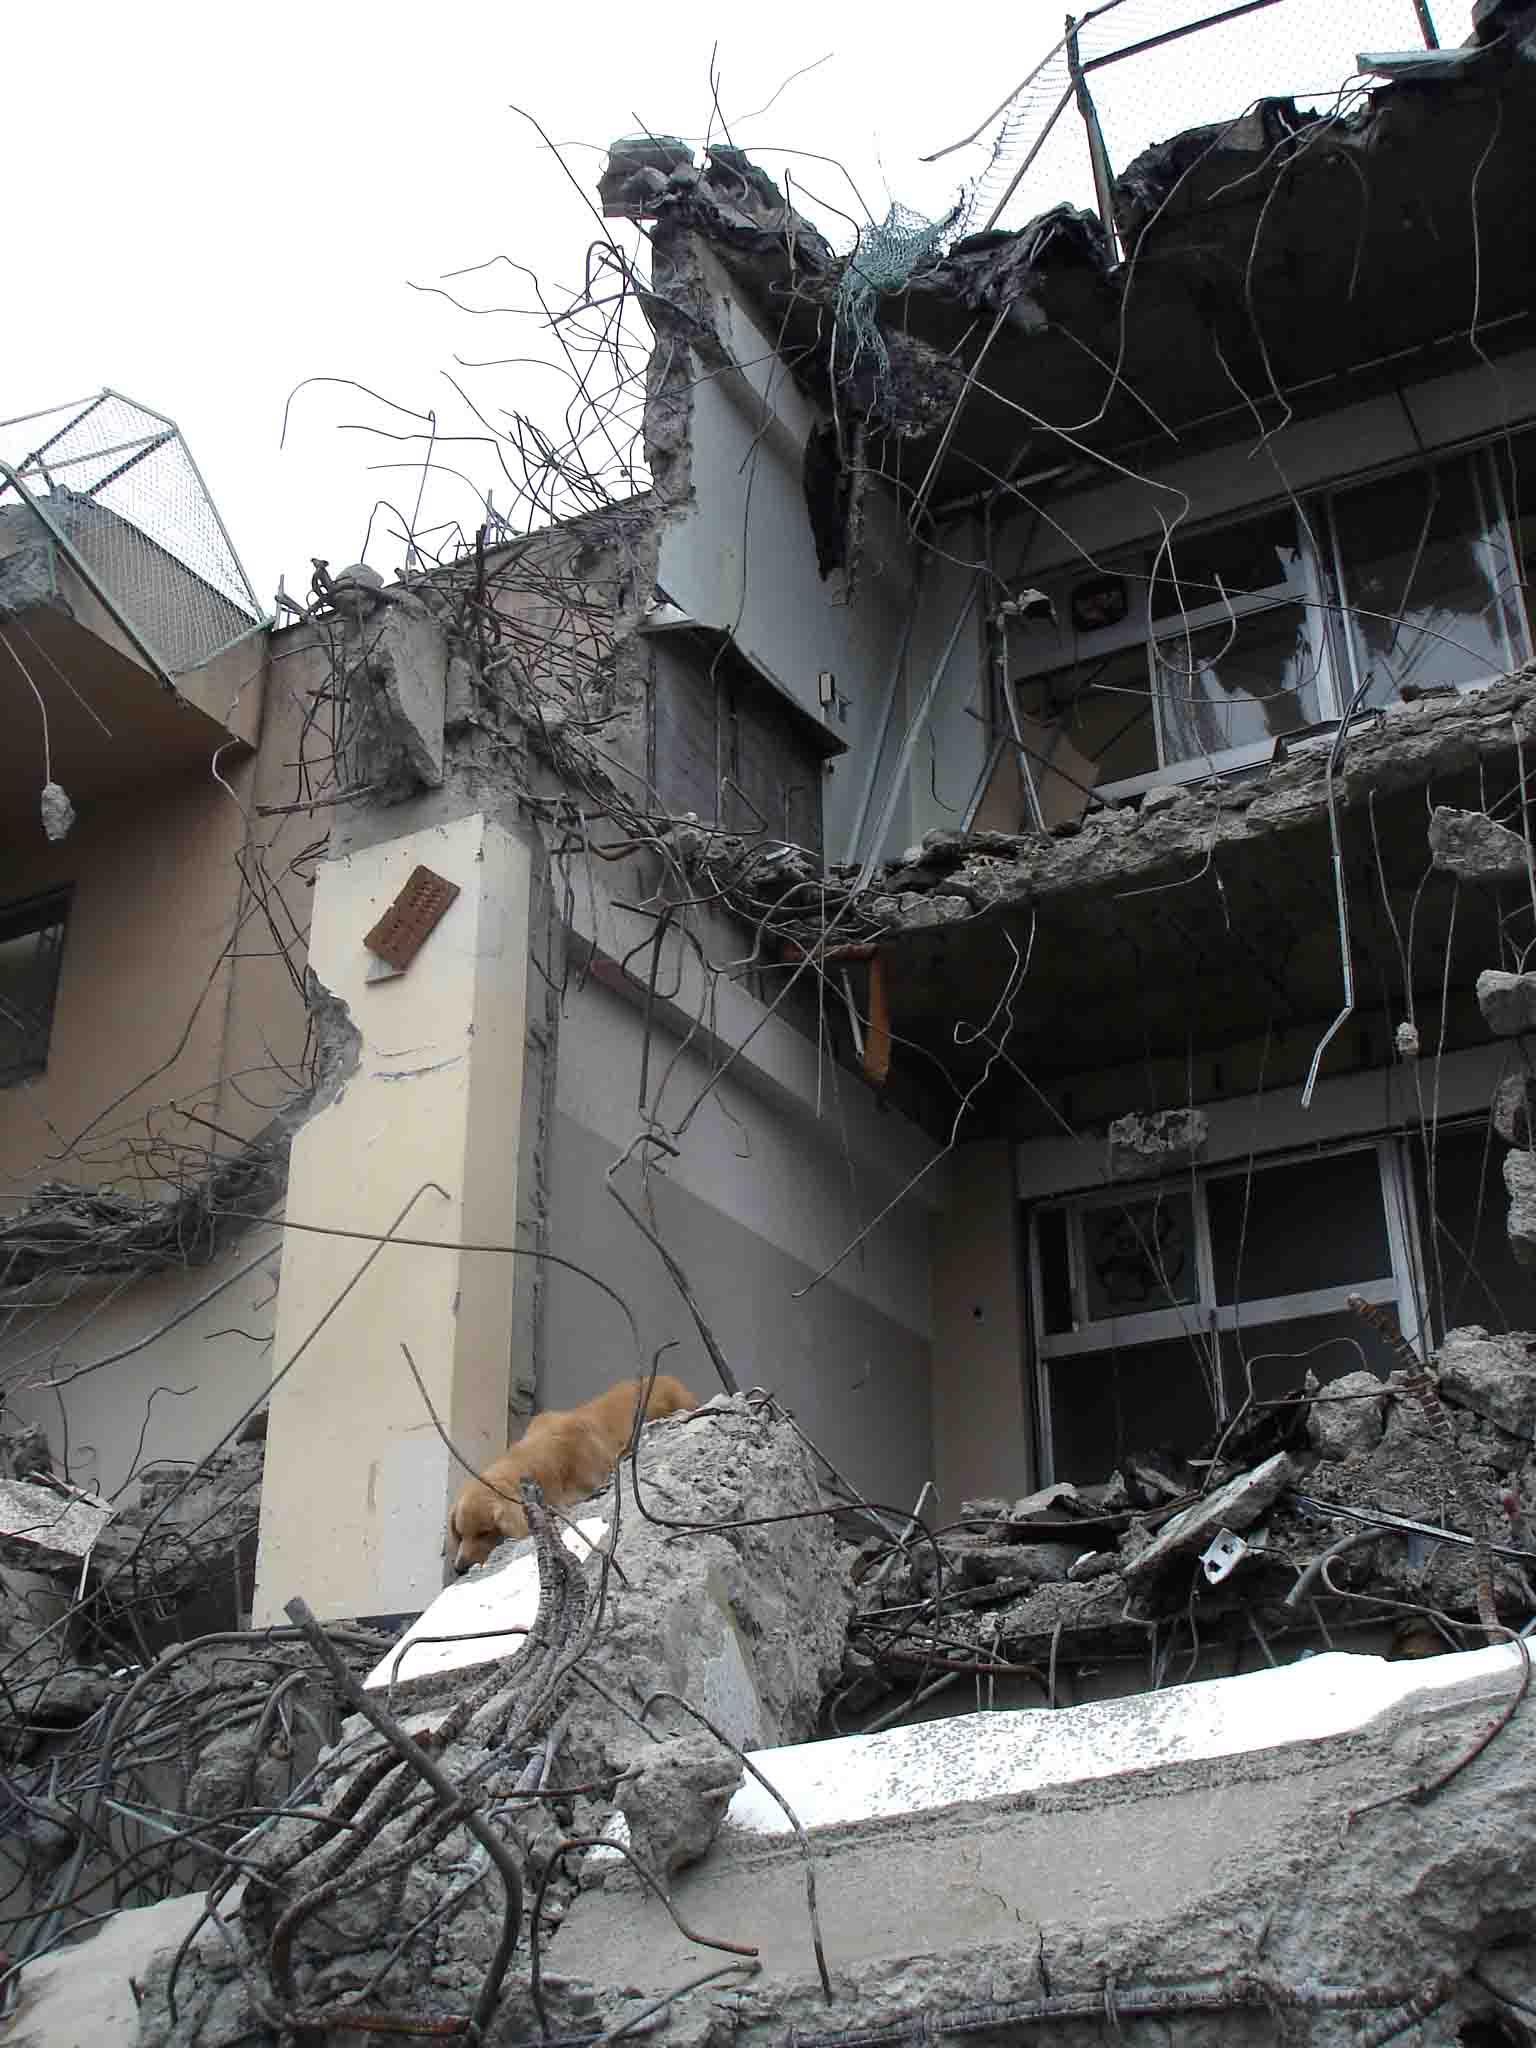 Dsc06029 午後の瓦礫捜索②